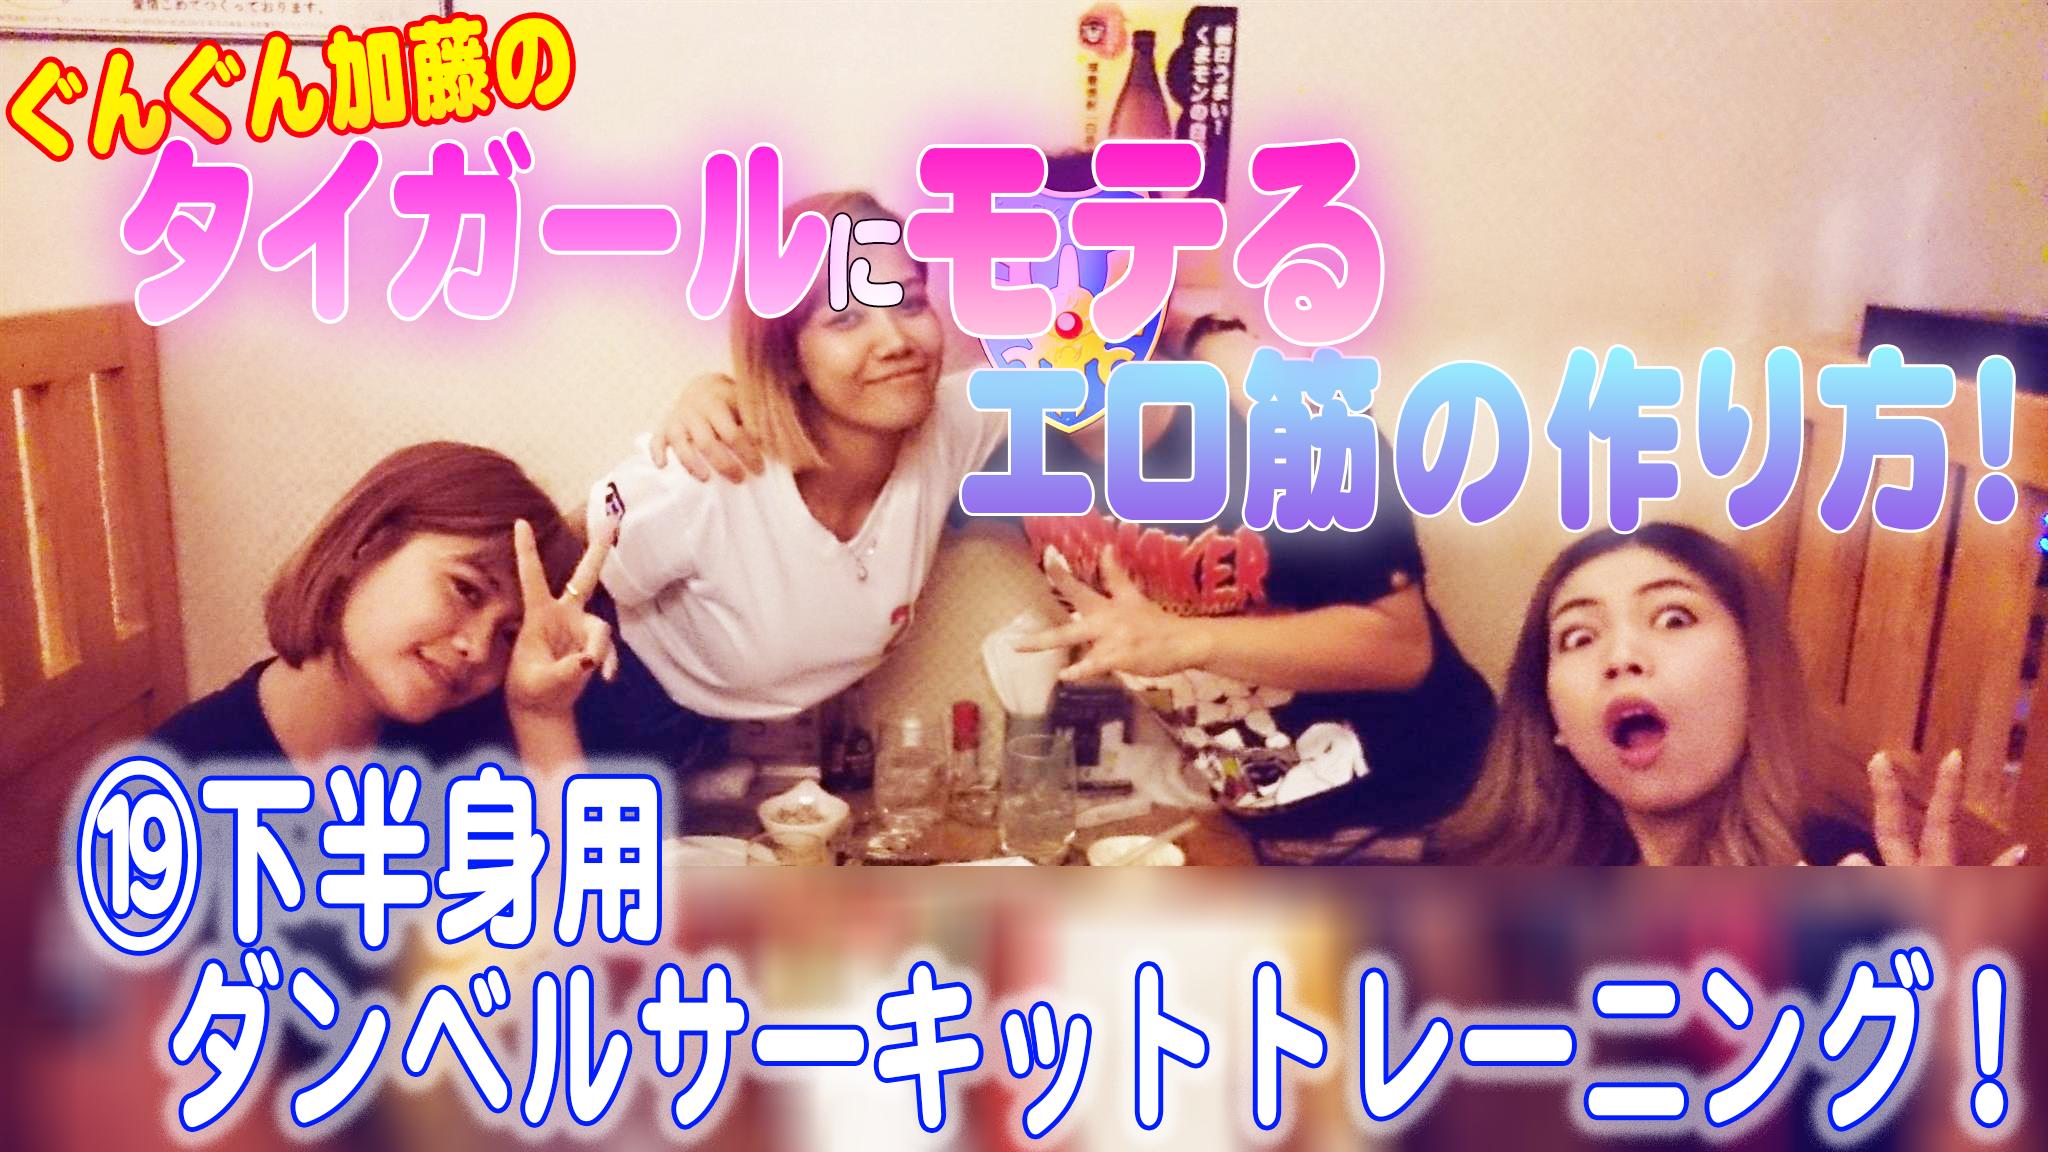 【ぐんぐん加藤のタイガールにモテるエロ筋の作り方!】19